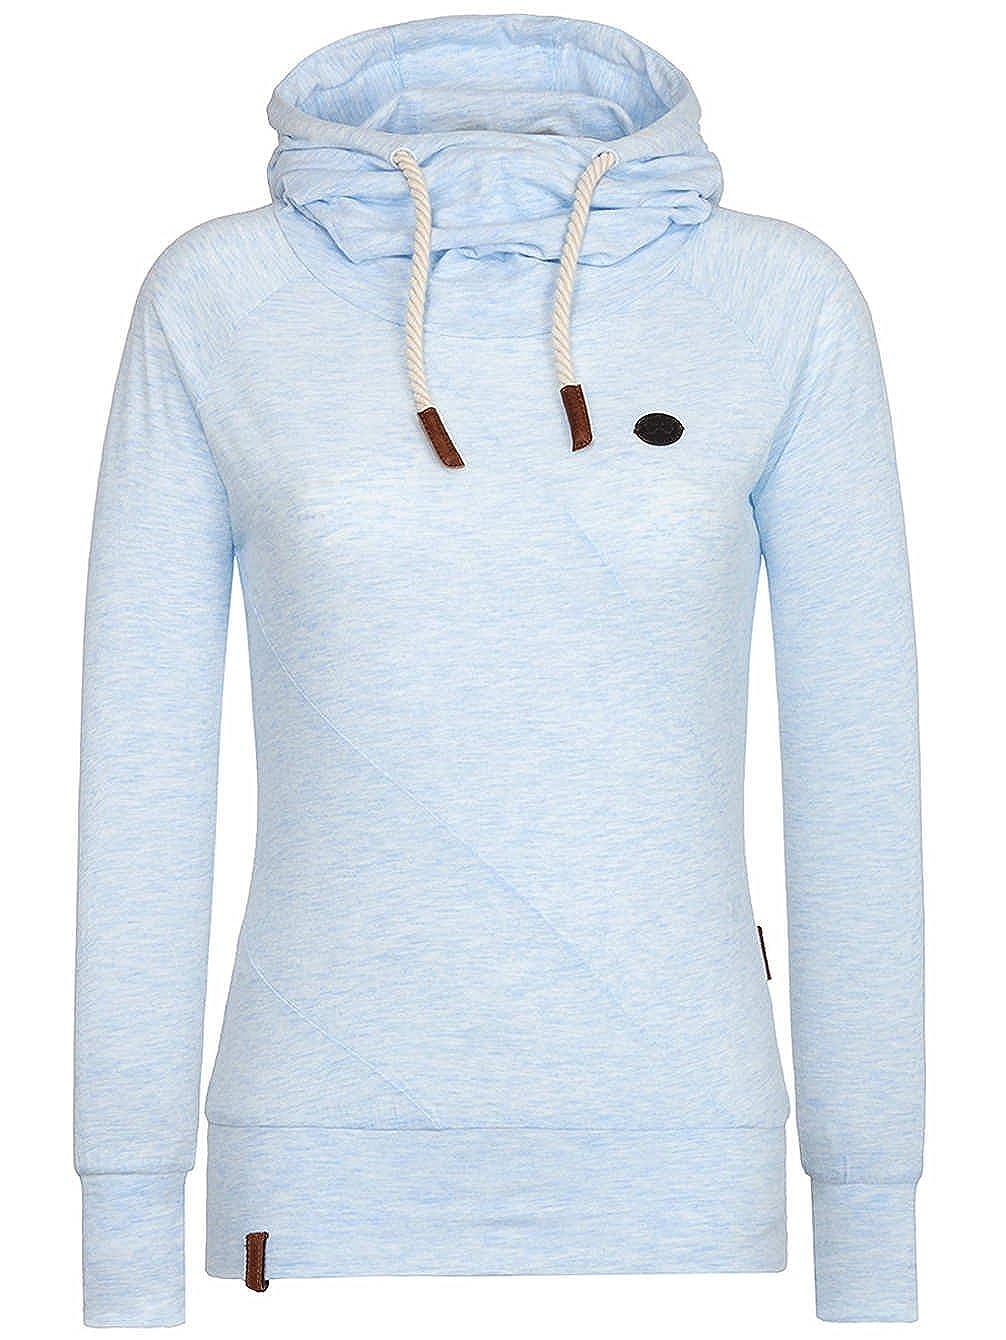 Mandy X: Amazon.co.uk: Clothing